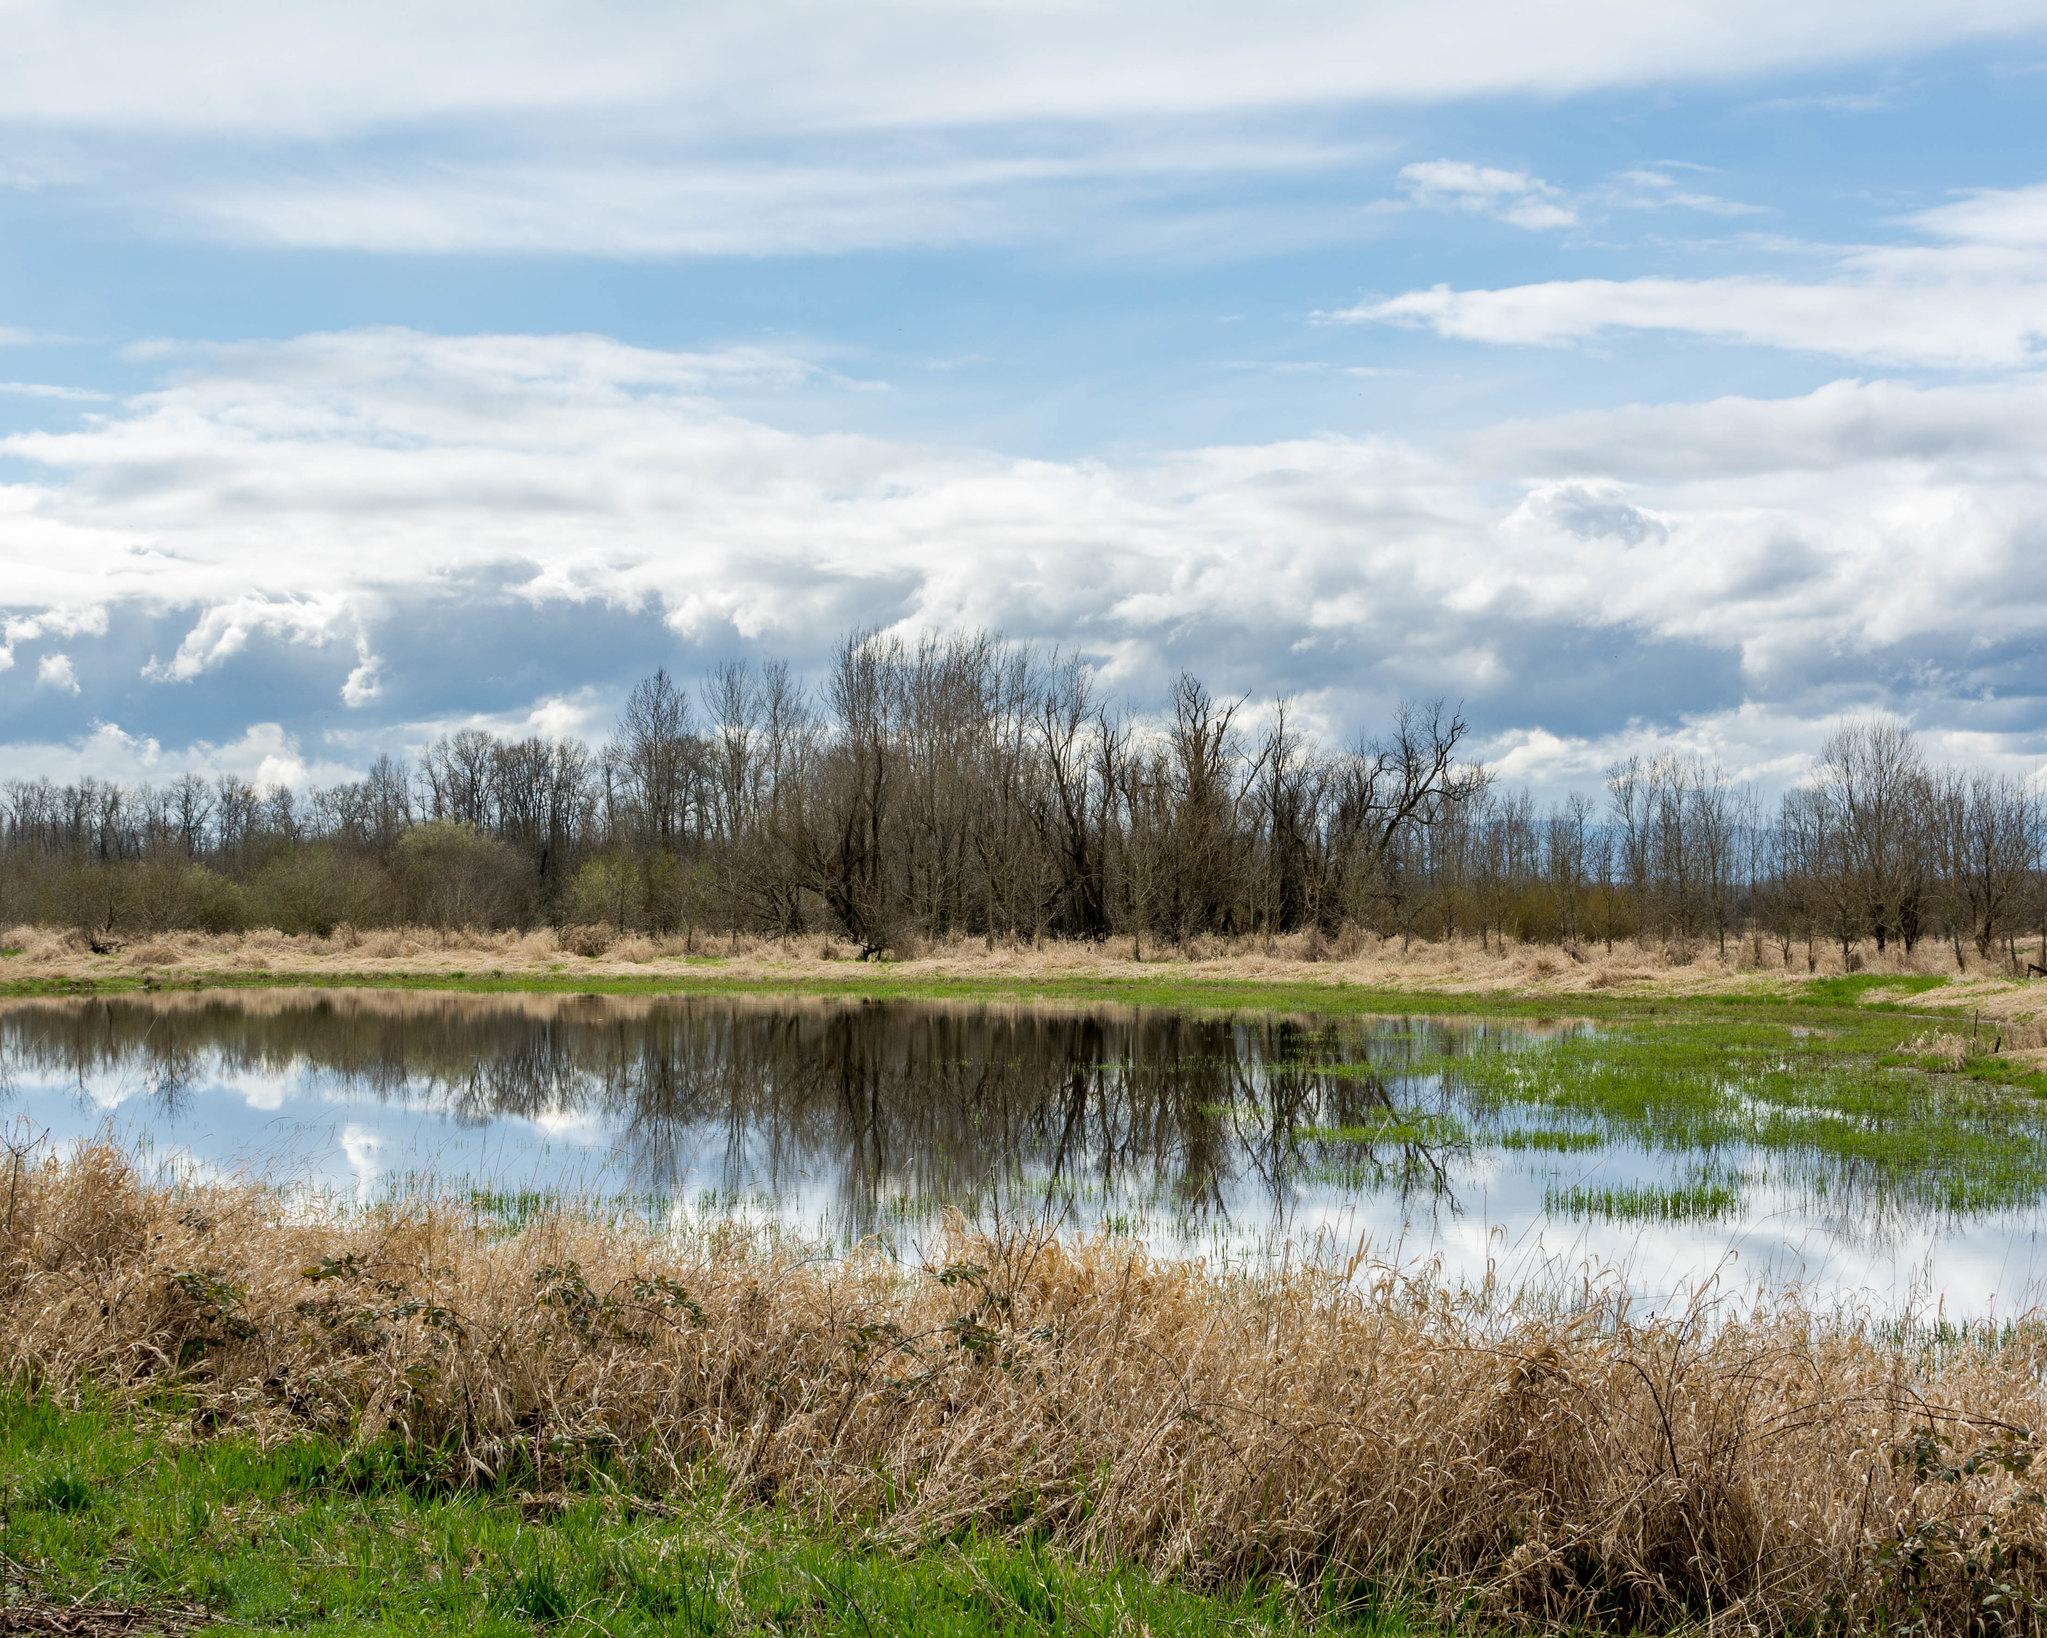 Wetlands Reflections<br>Matthew Warner © Creative Commons